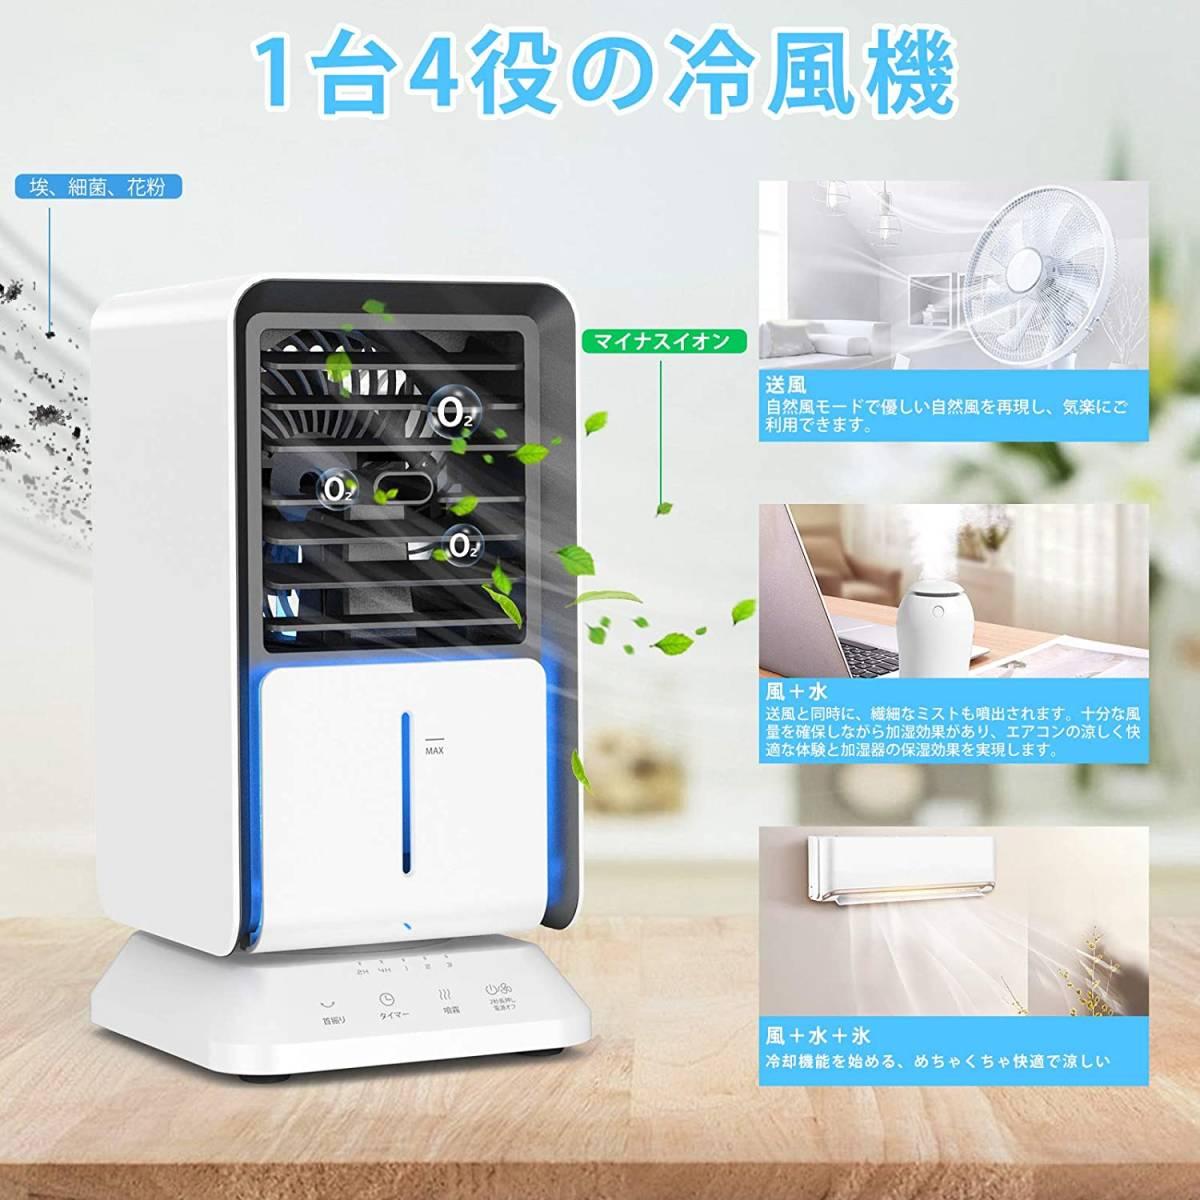 2021年最新版 冷風機 冷風扇 小型 4in1 自動首振り ミスト 加湿 空気清浄機能 3段階切替 タイマー ライト付き 角度調整 日本語説明書_画像2